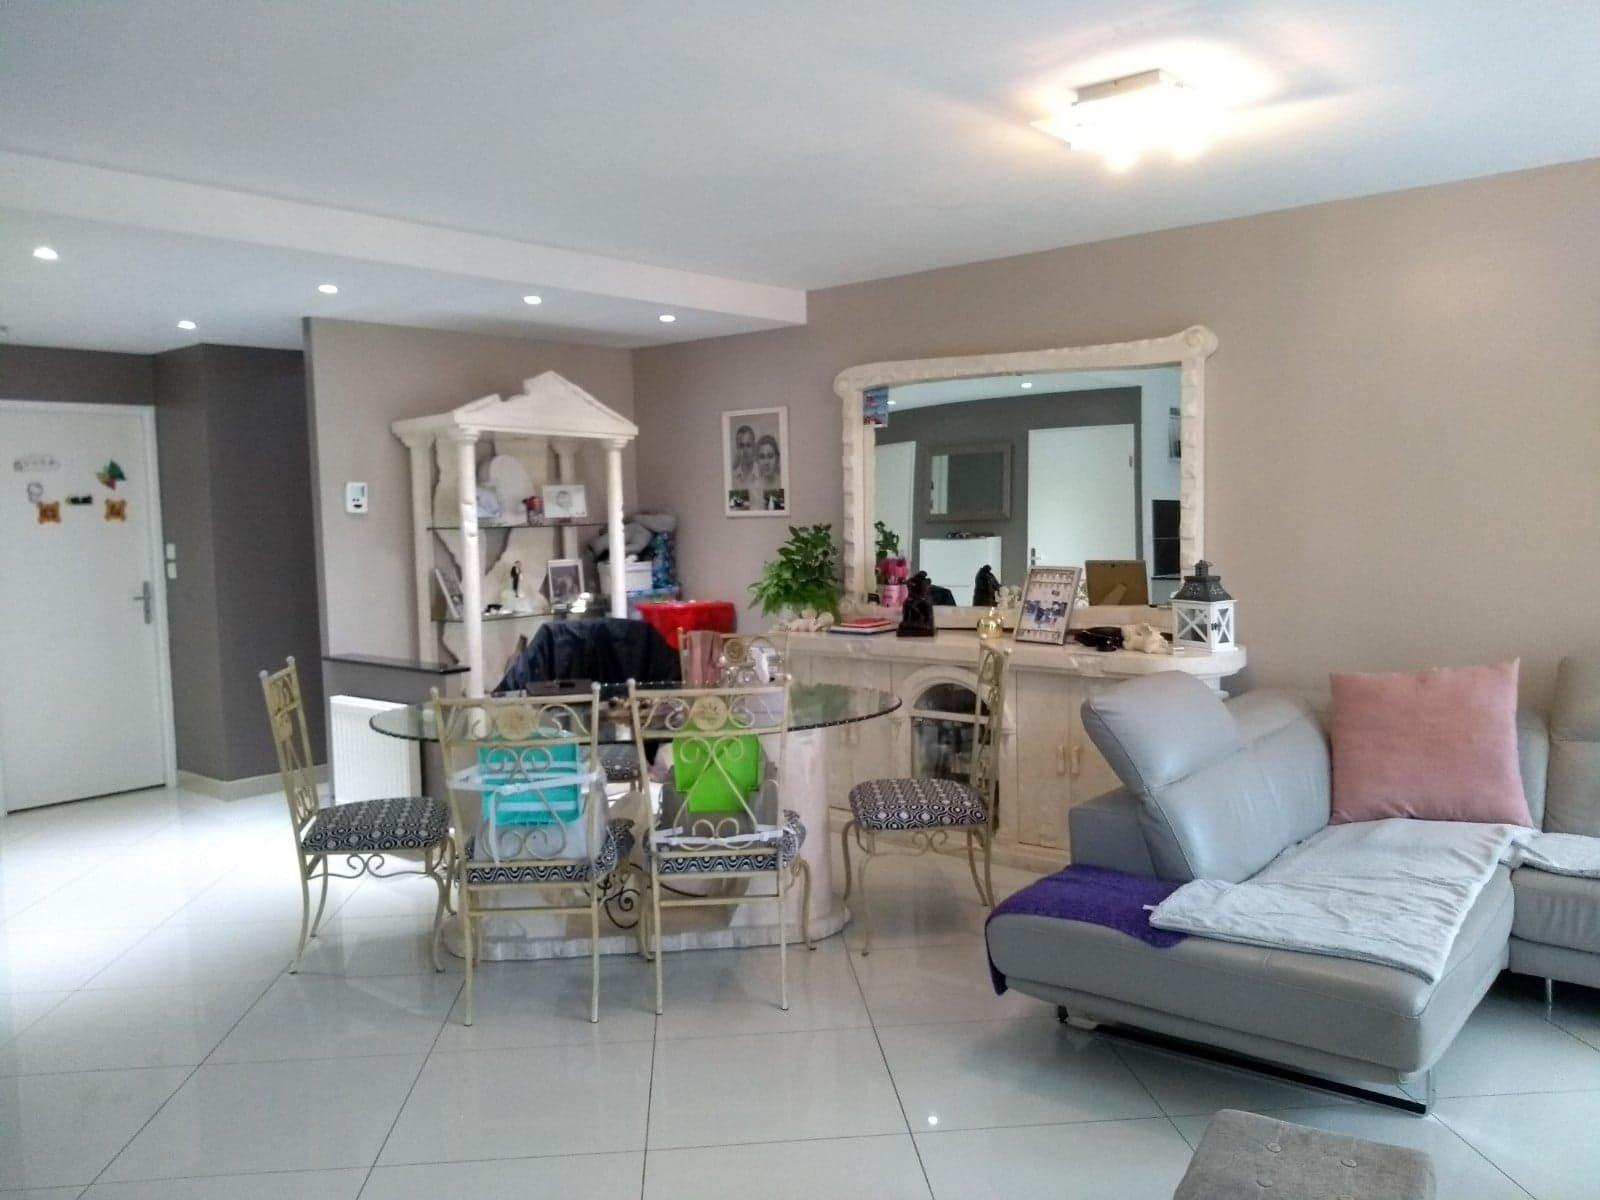 EXCLUSIVITÉ : Appartement 3 pièces, 67 m², VILLERS-SAINT-PAUL